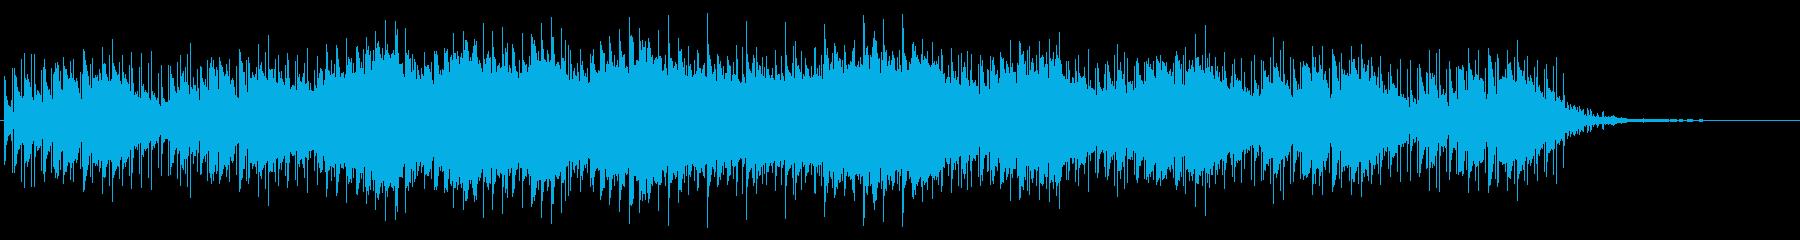 恐怖や不安感を煽るBGM 機械音とチェロの再生済みの波形